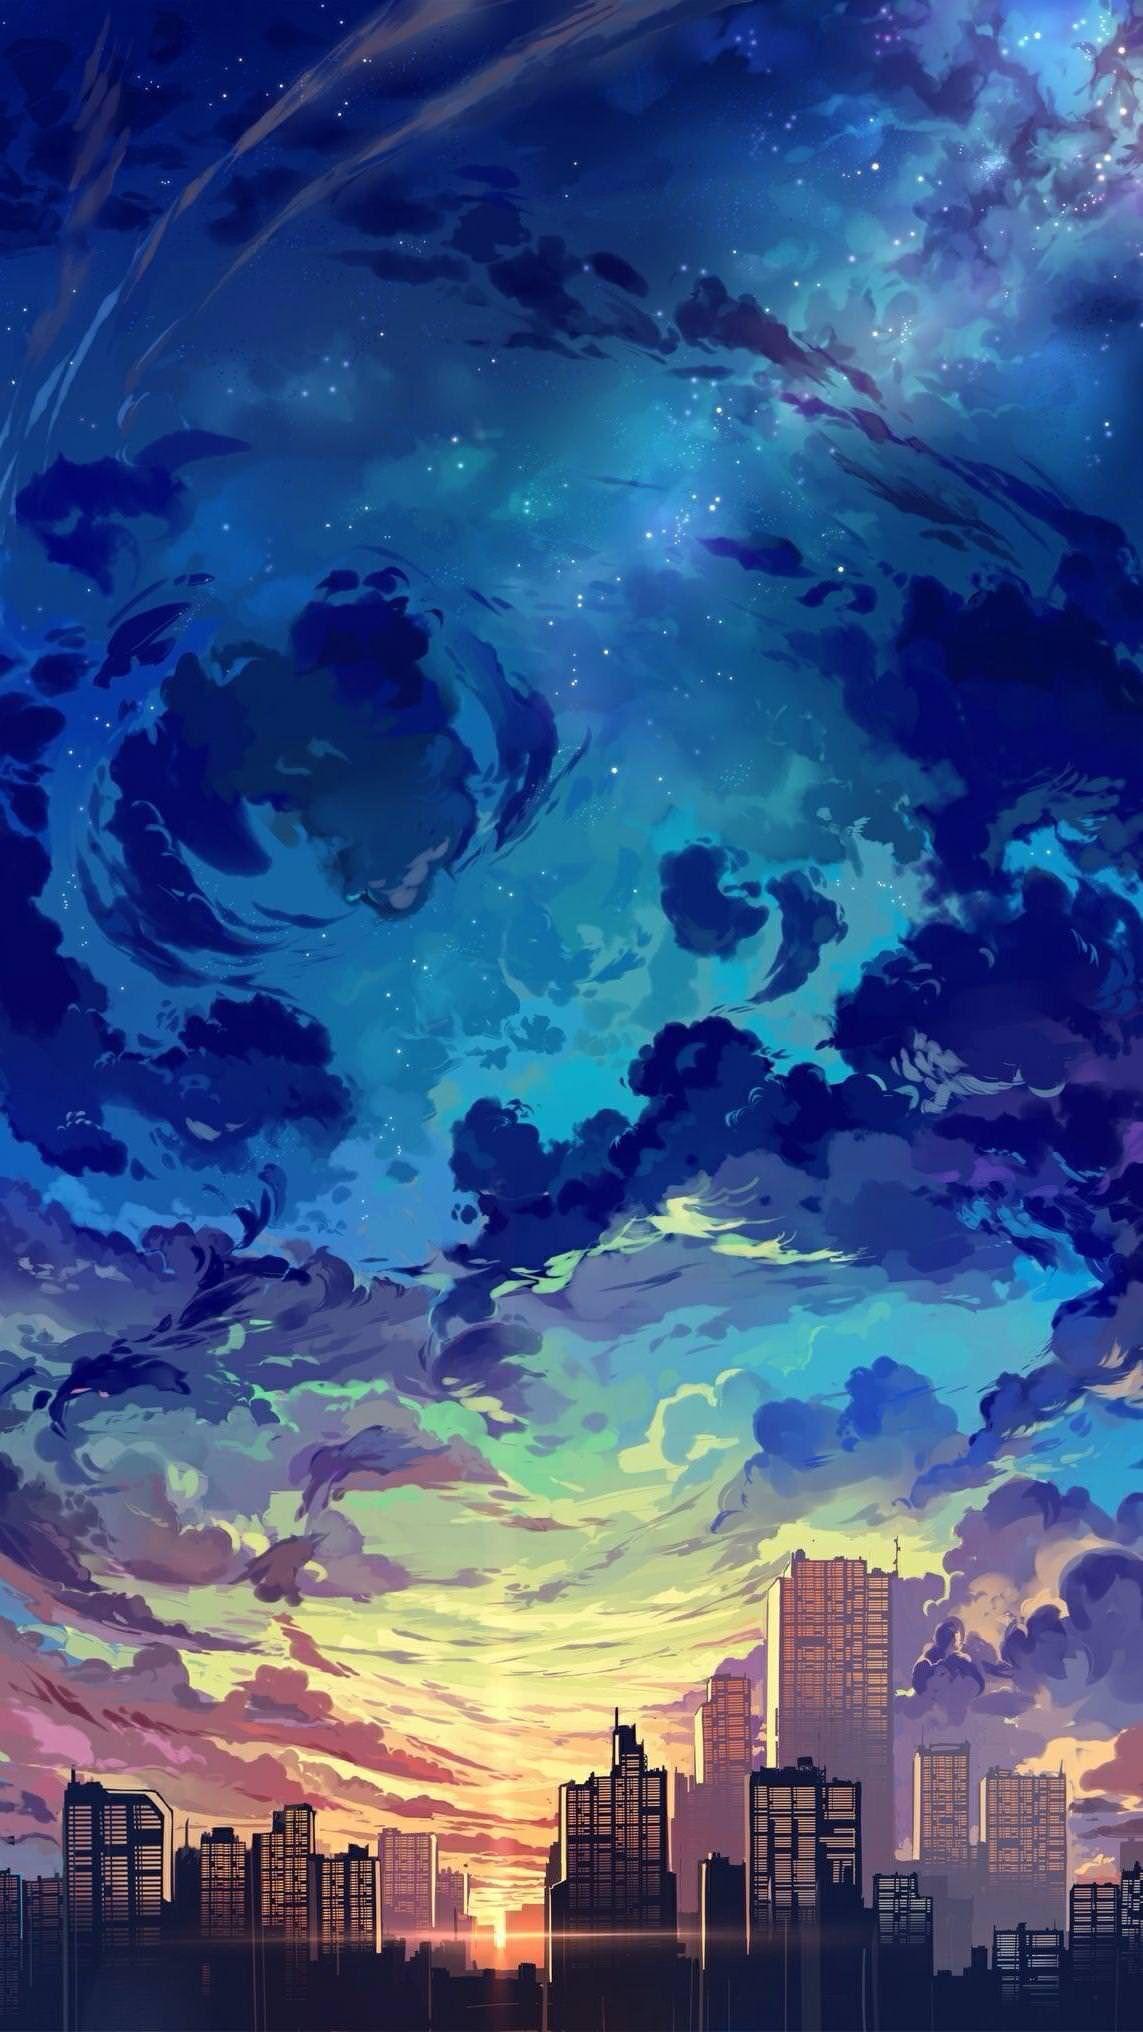 Pin oleh heyyy 🌸 di siluet Pemandangan anime